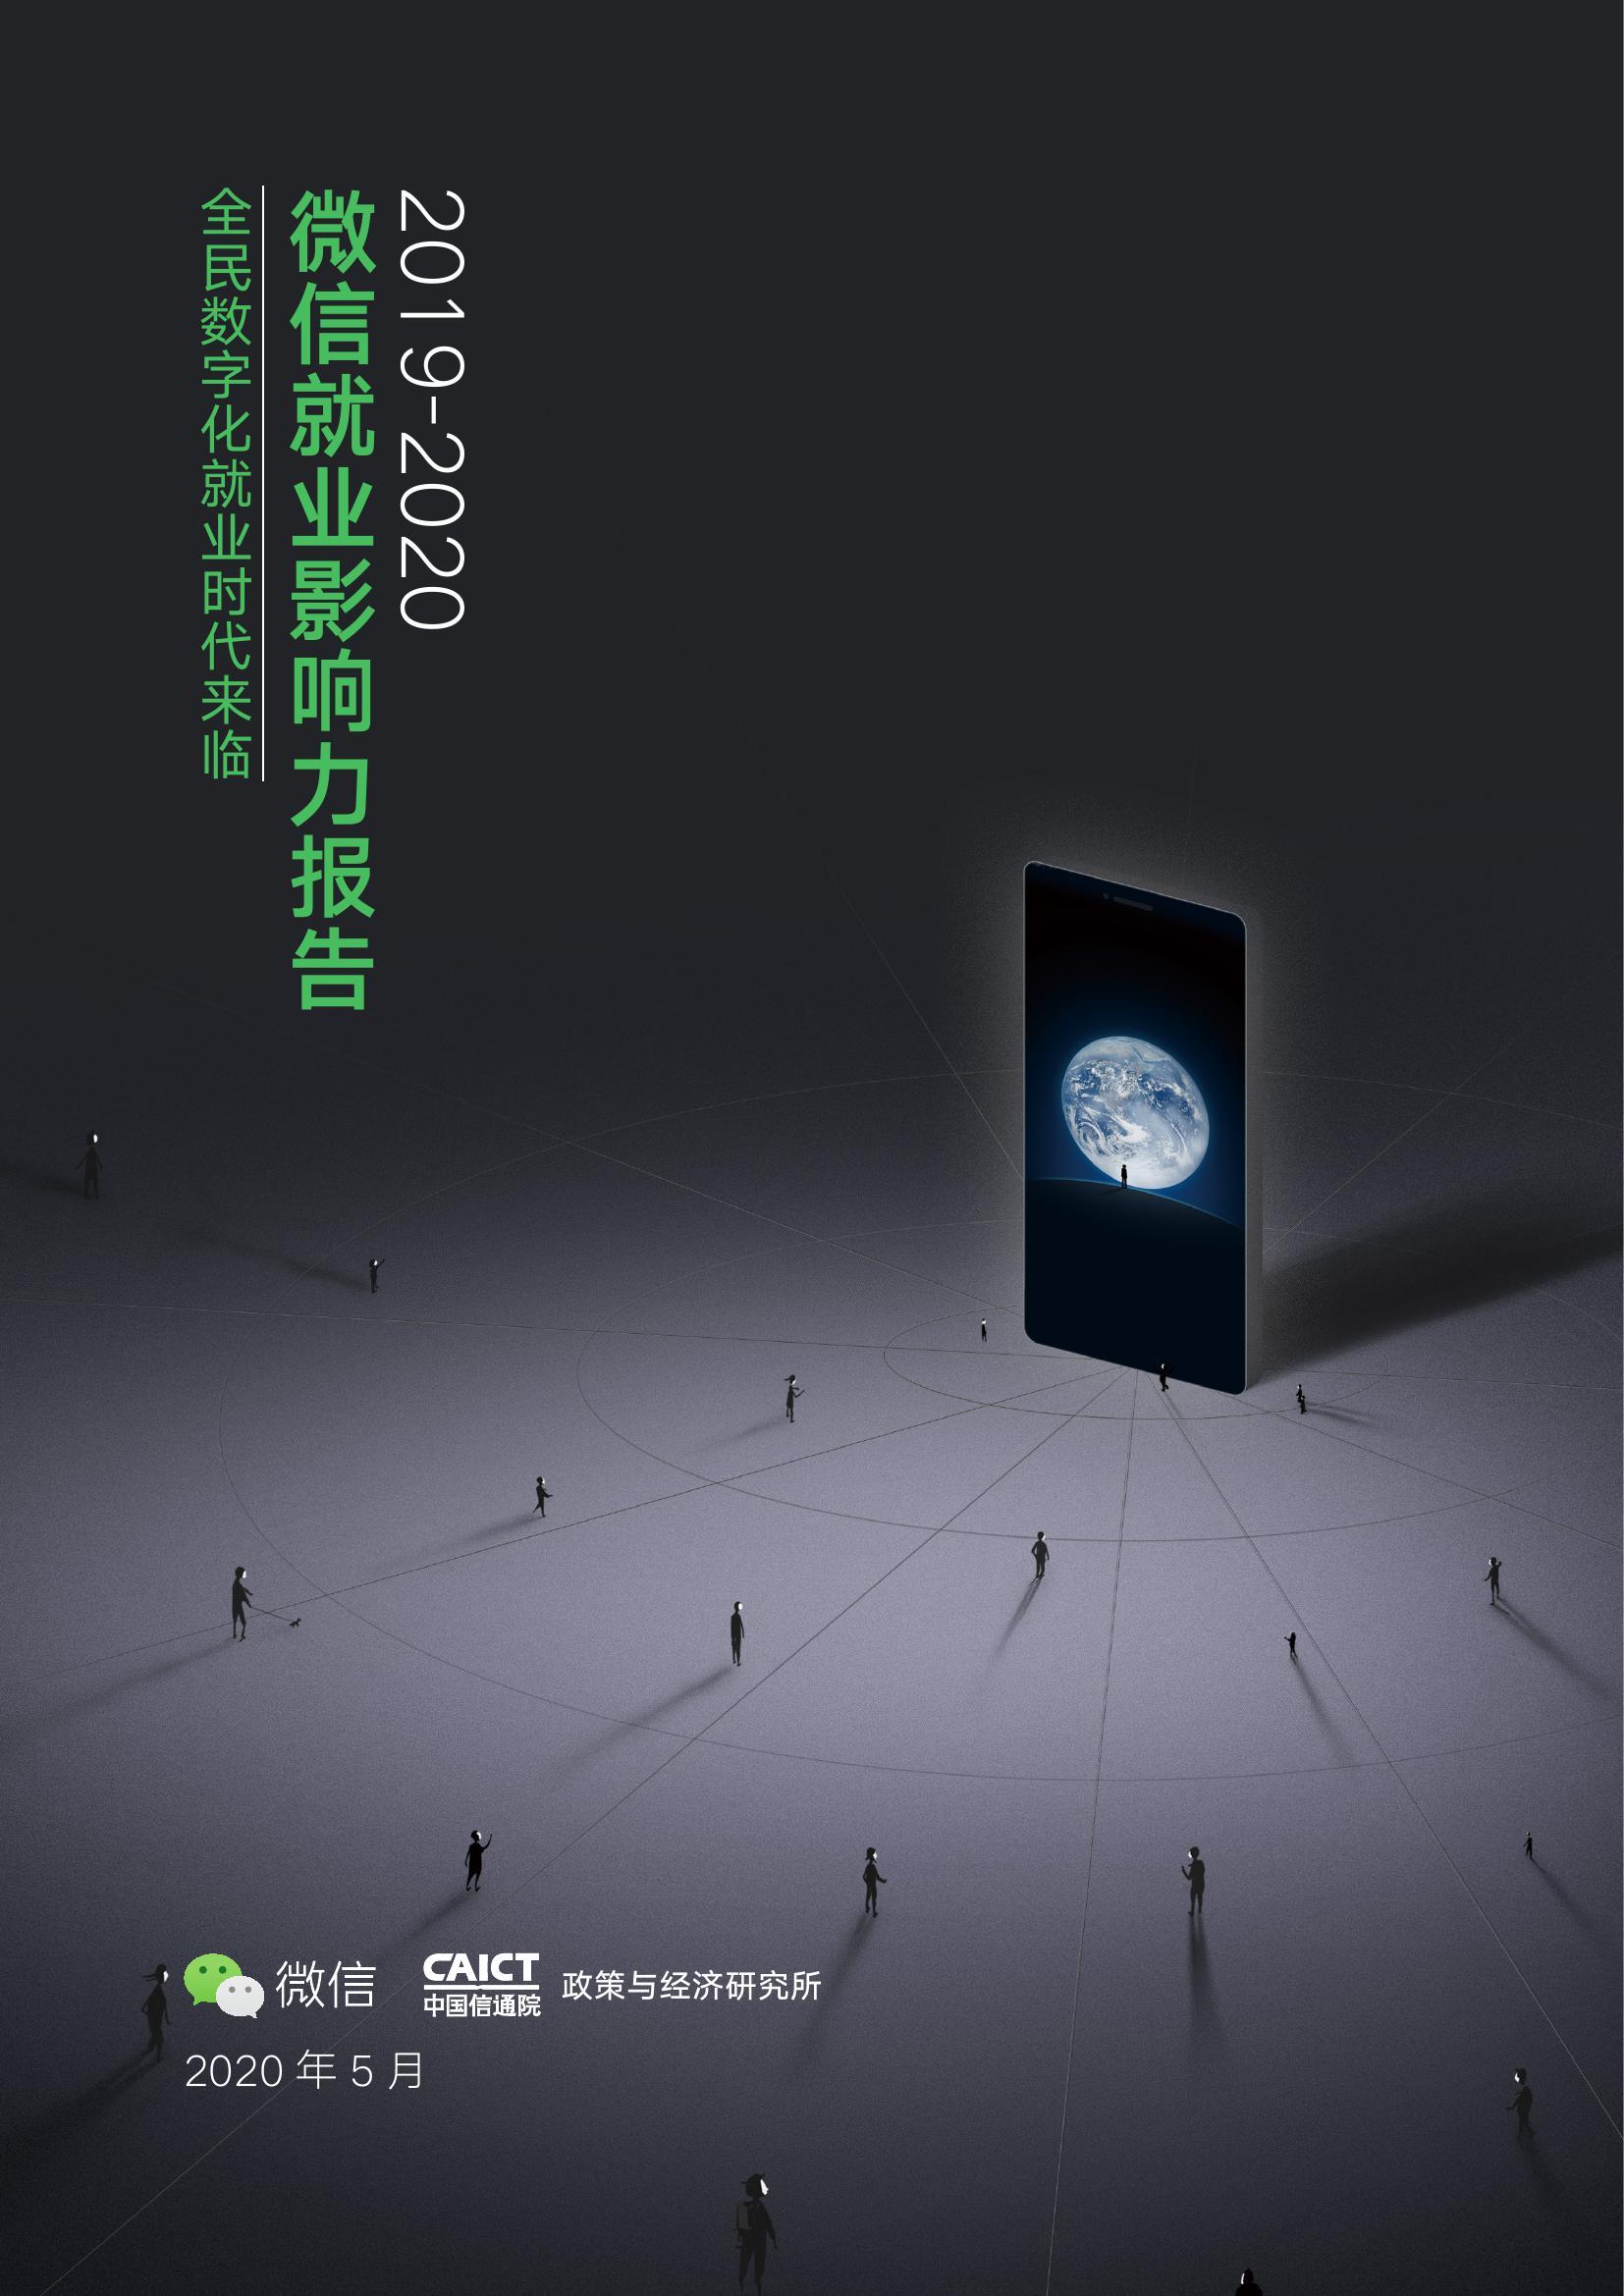 微信&中国信通院:2019-2020微信就业影响力报告(附下载)